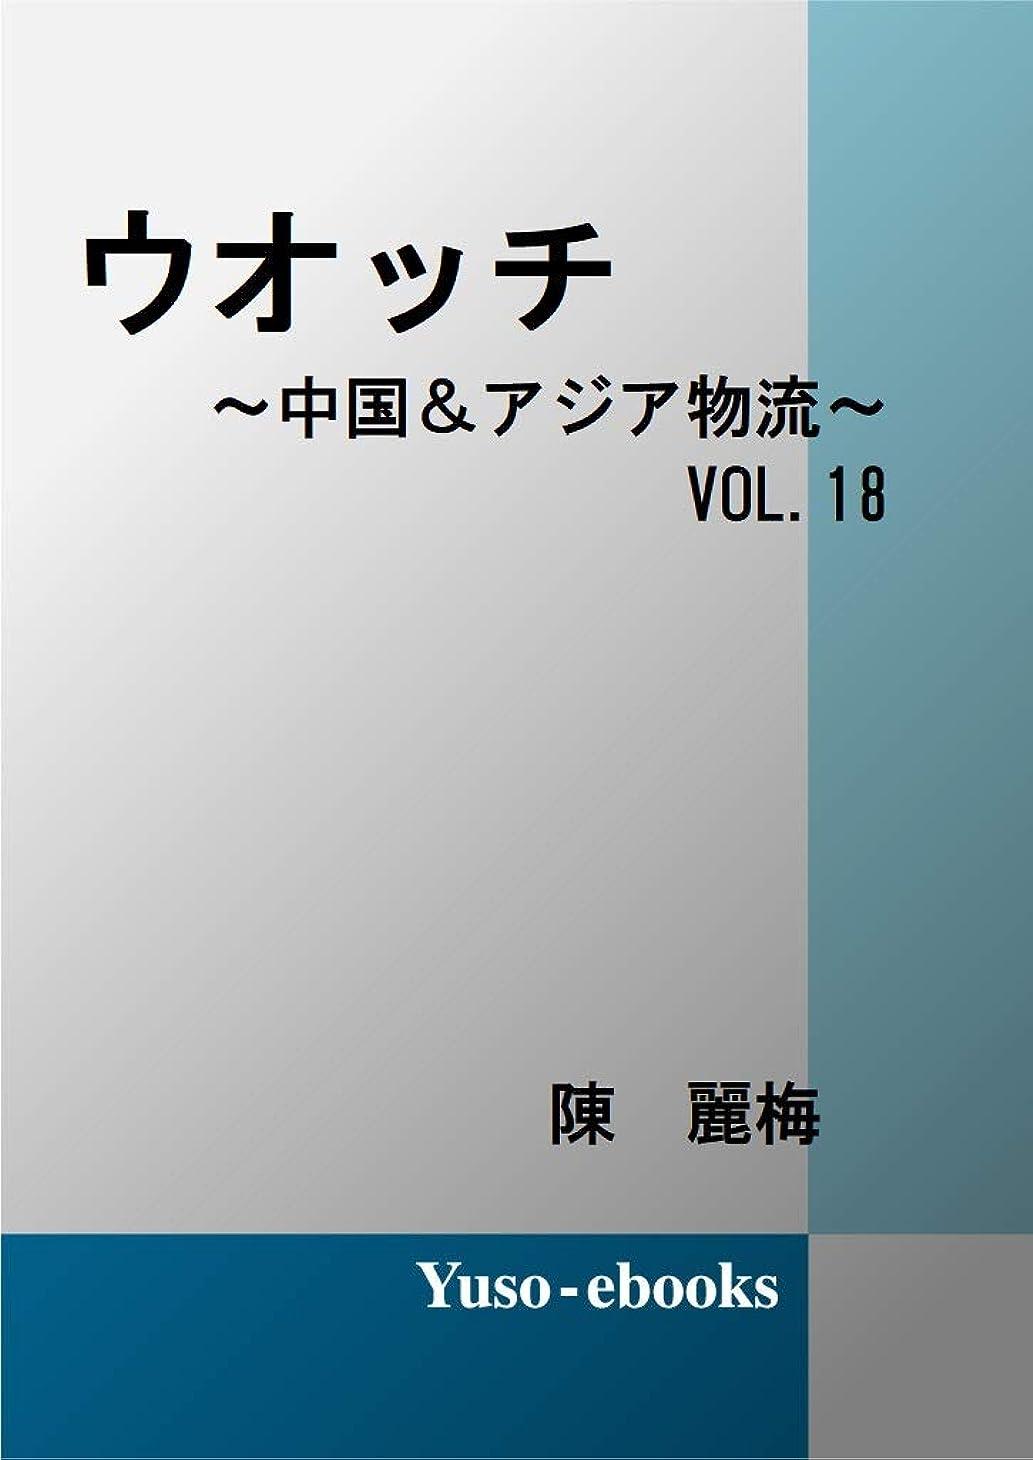 一目まつげ突破口ウォッチ~中国&アジア物流~Vol.18